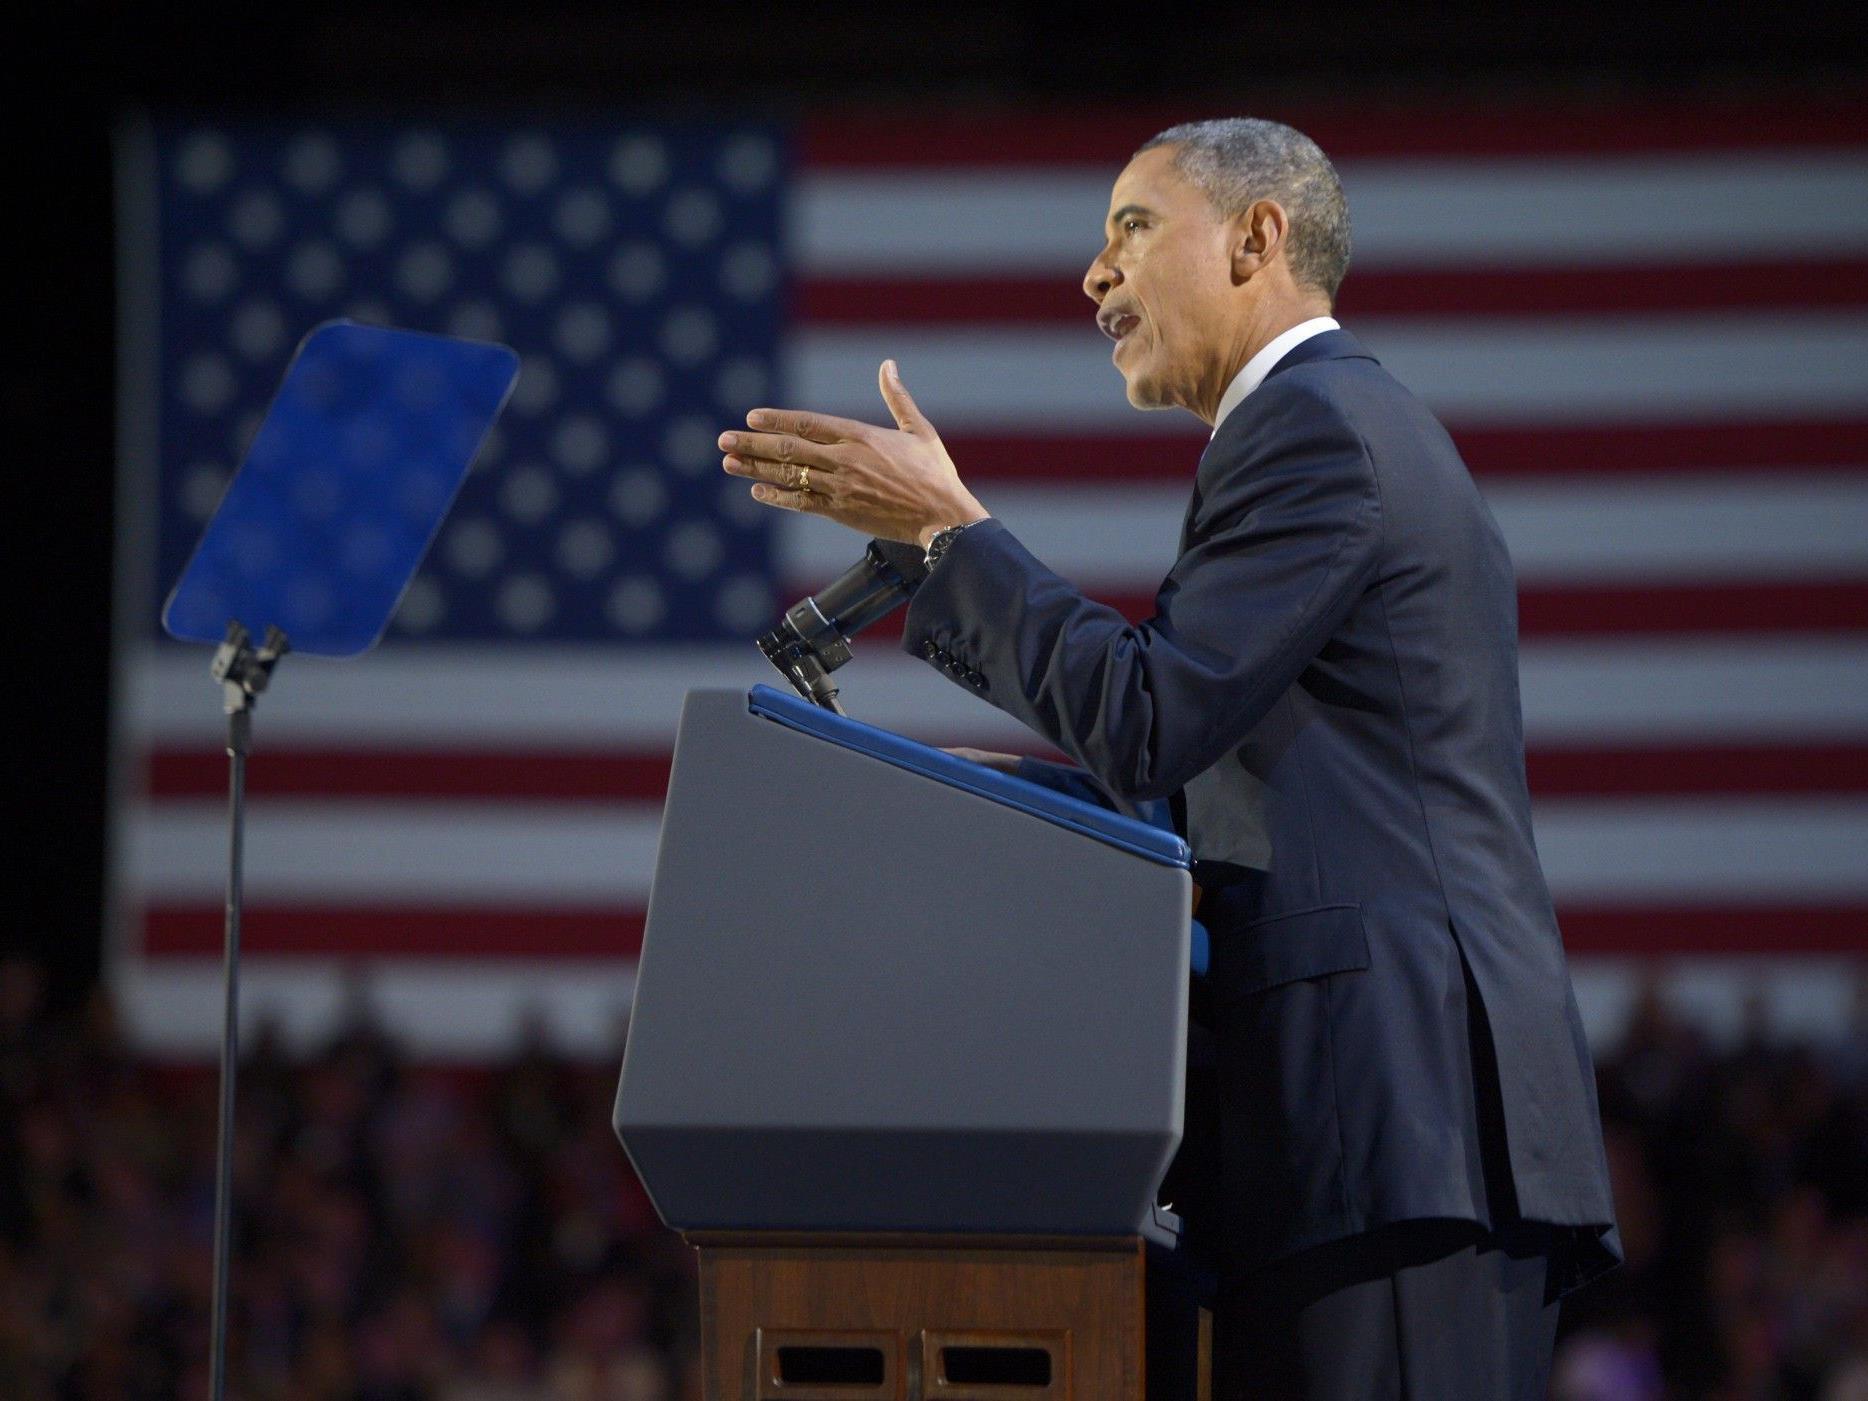 """Obama in seiner Dankesrede: """"Ihr habt mich zu einem besseren Präsidenten gemacht""""."""